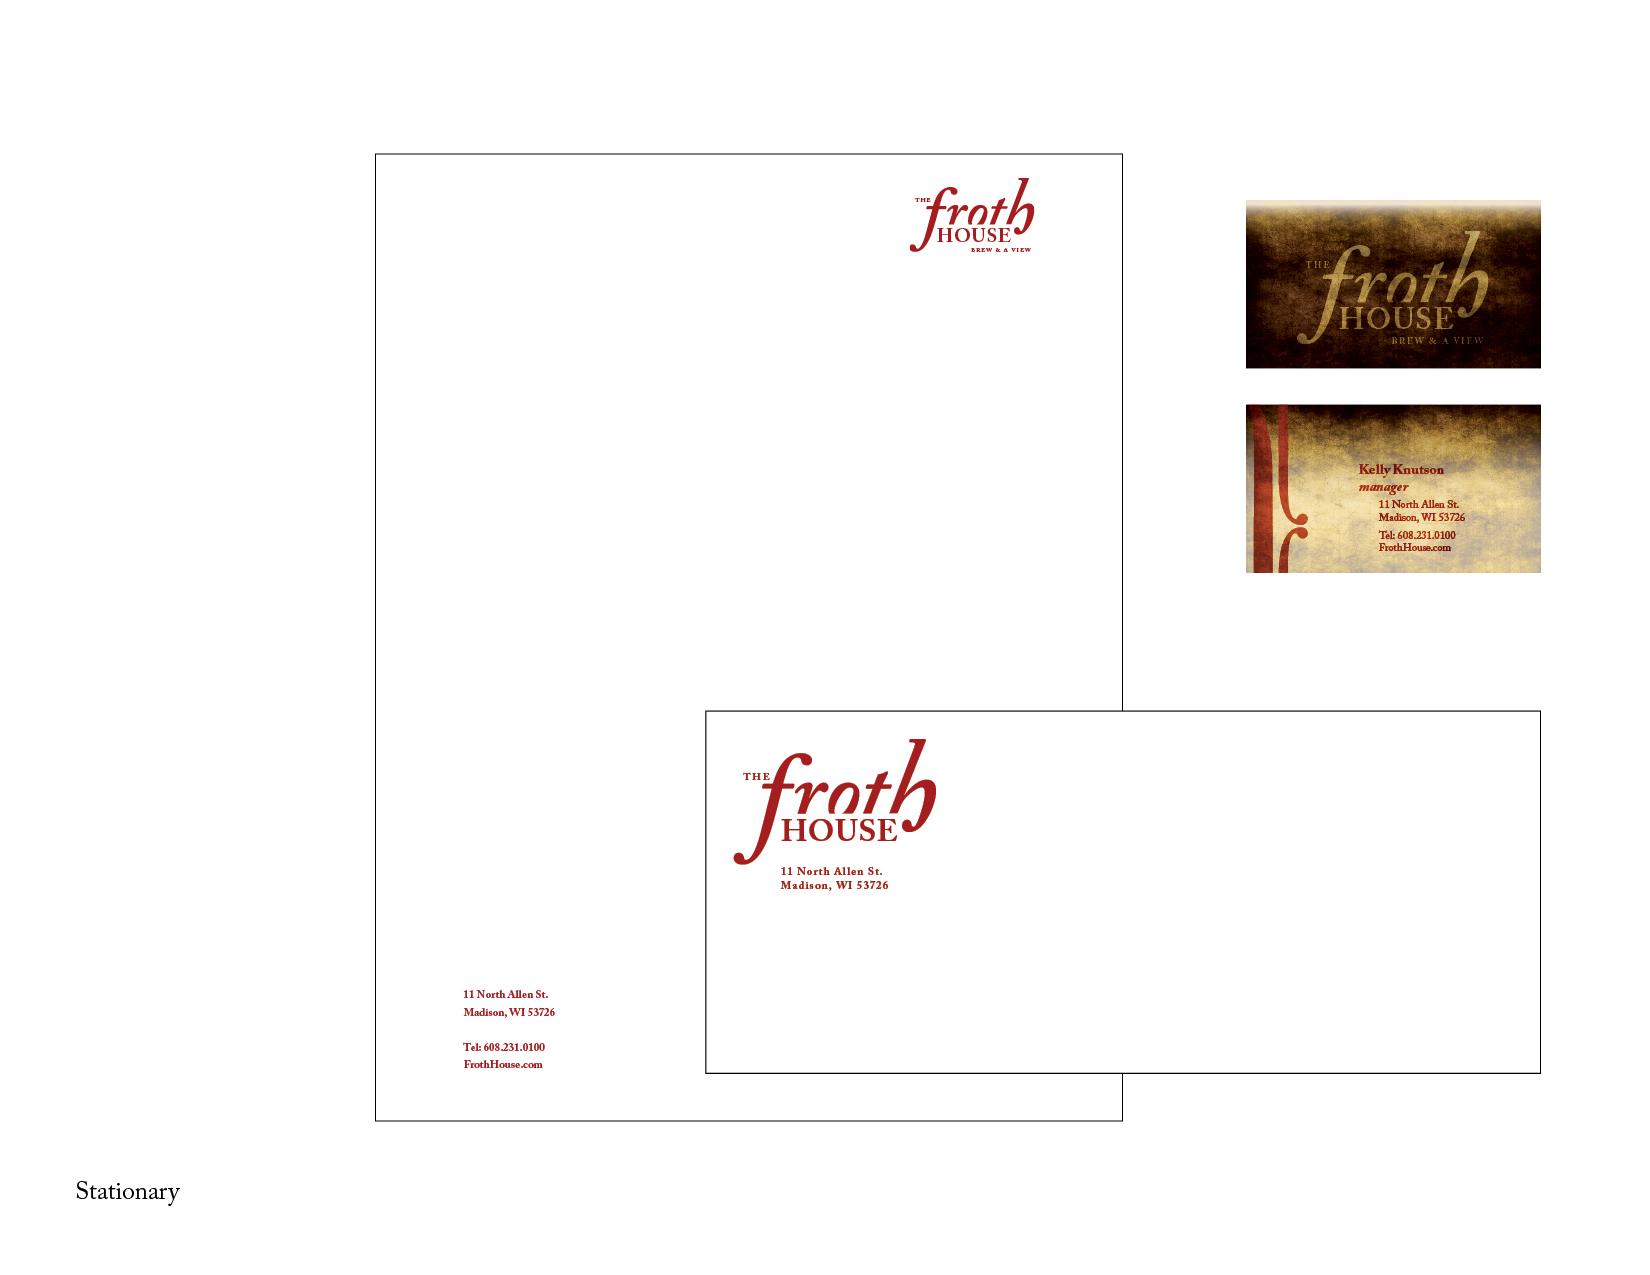 FH_broadside_letter4.jpg